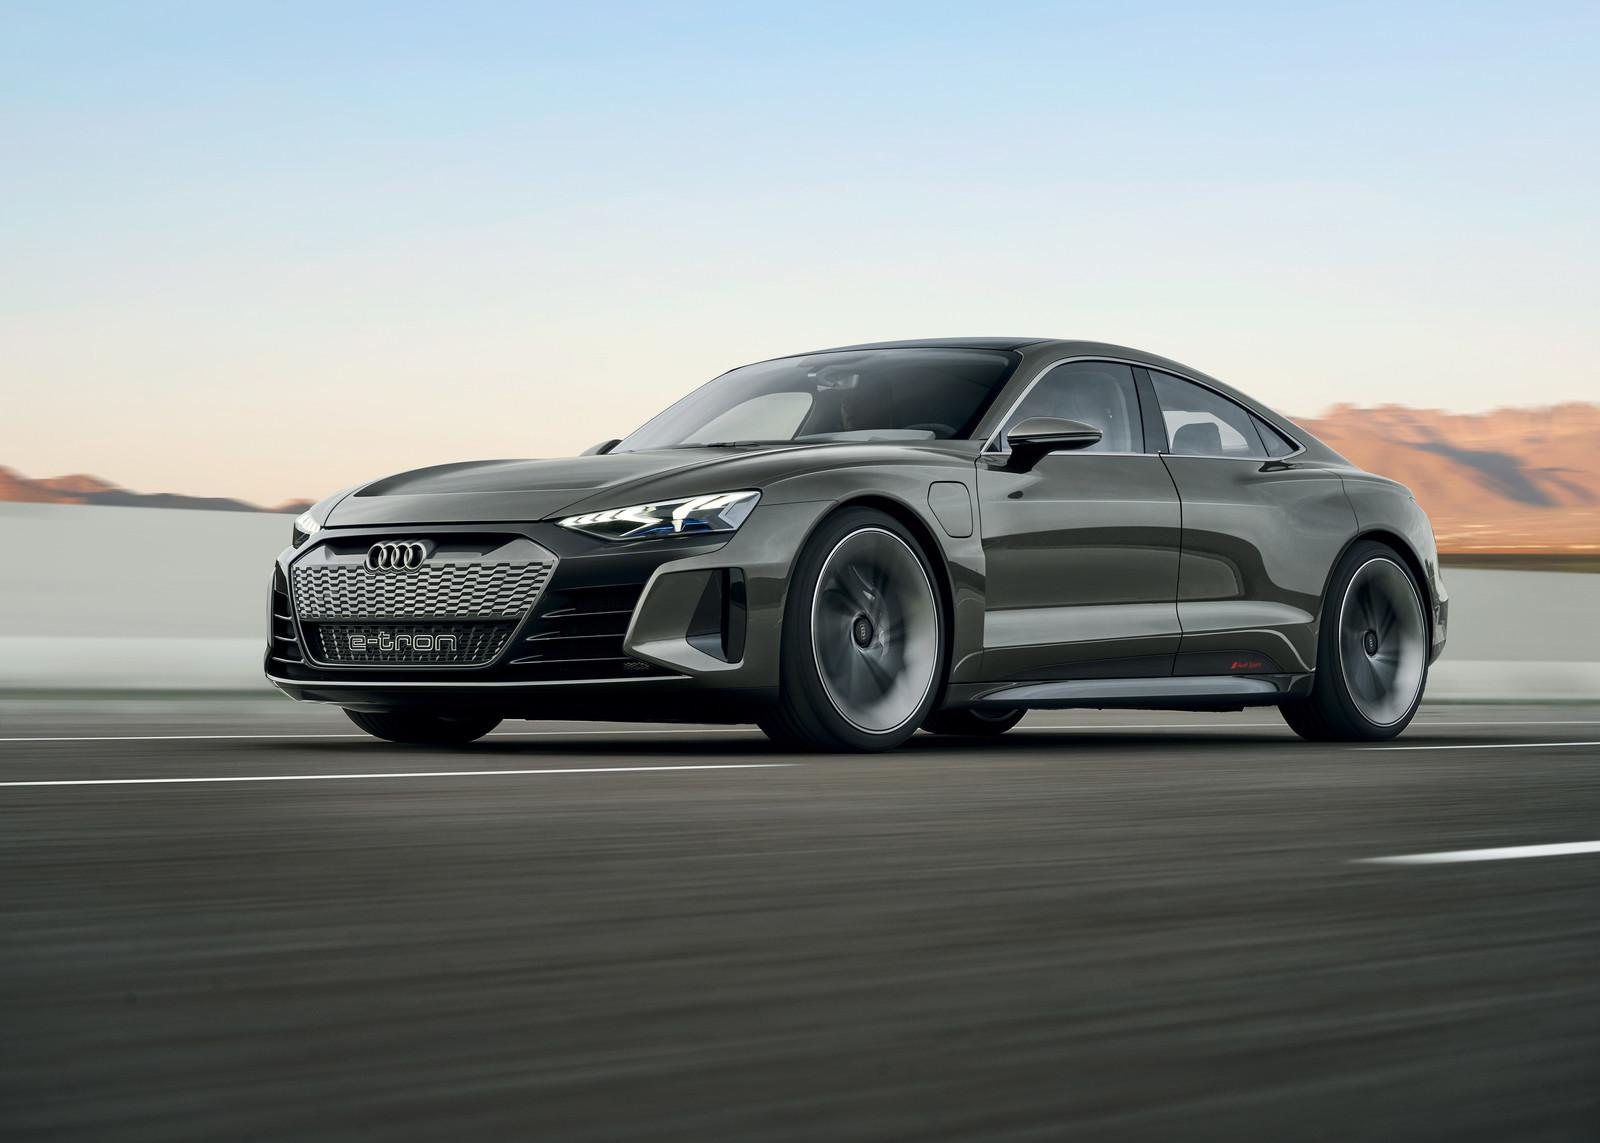 Foto de Audi e-tron GT concept 2018 (27/55)